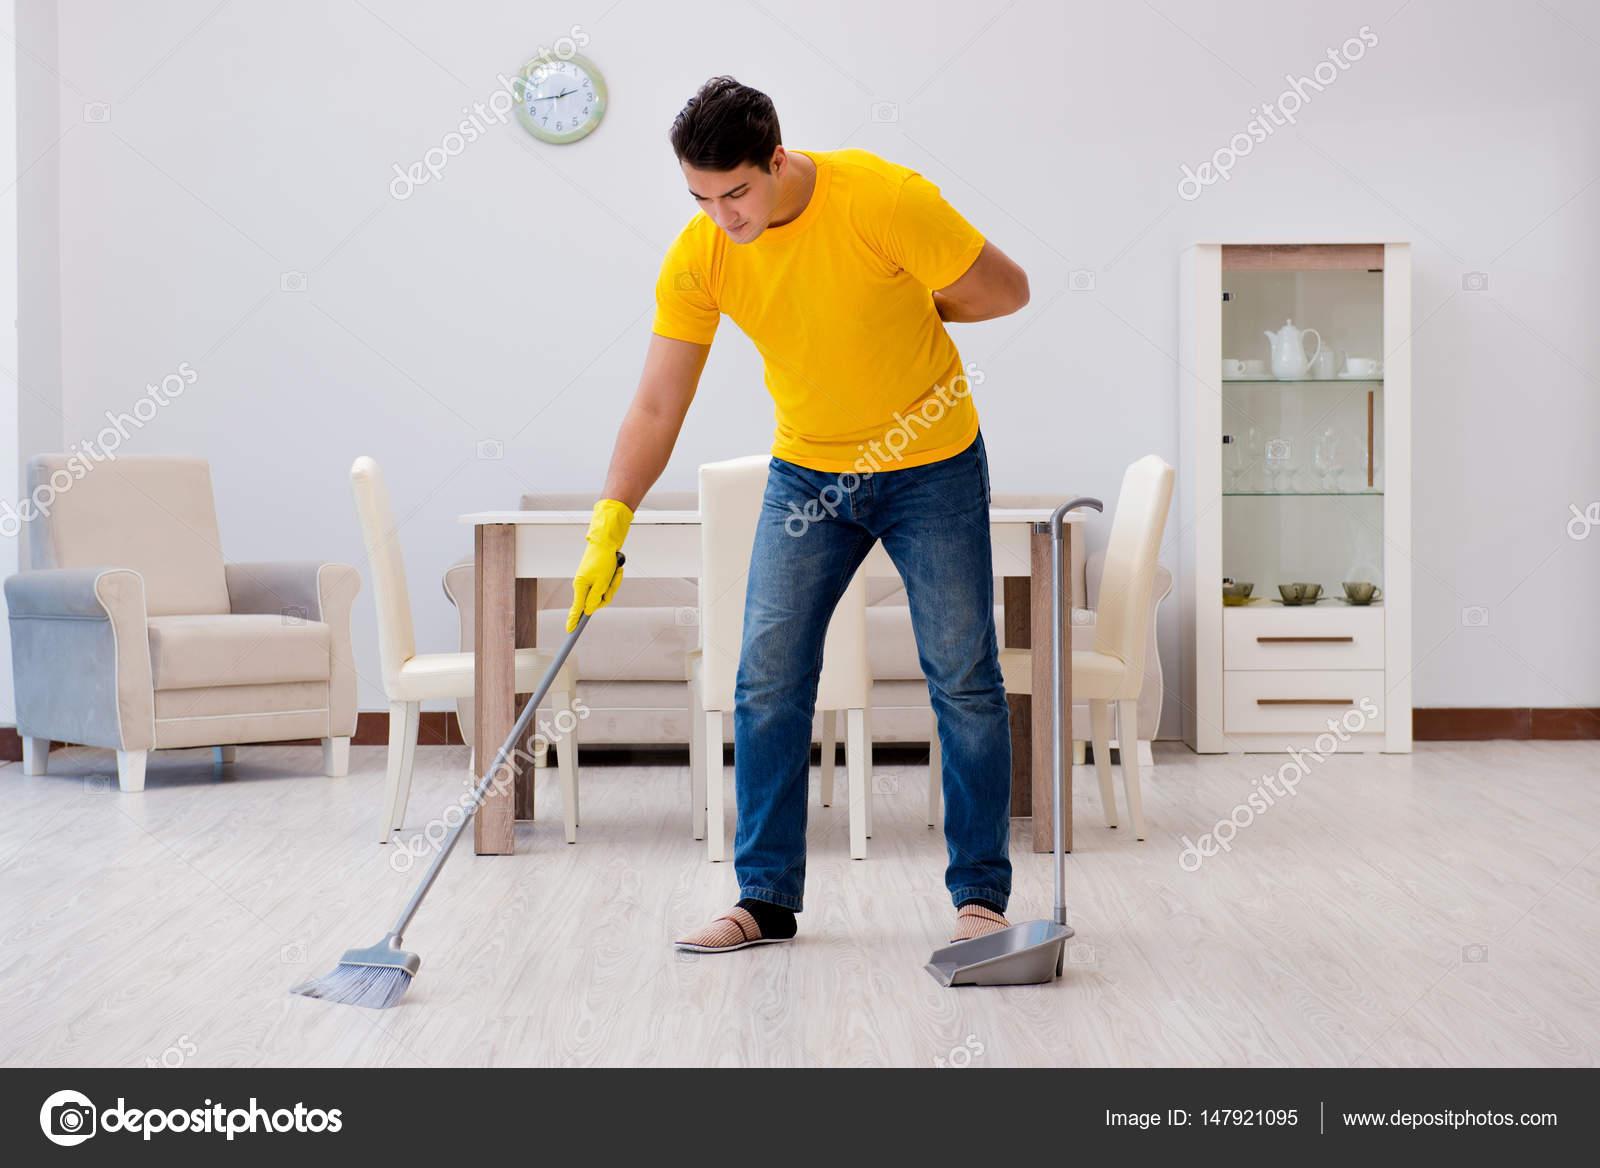 Hombre limpiando casa related keywords suggestions - Trabajo limpiando casas ...